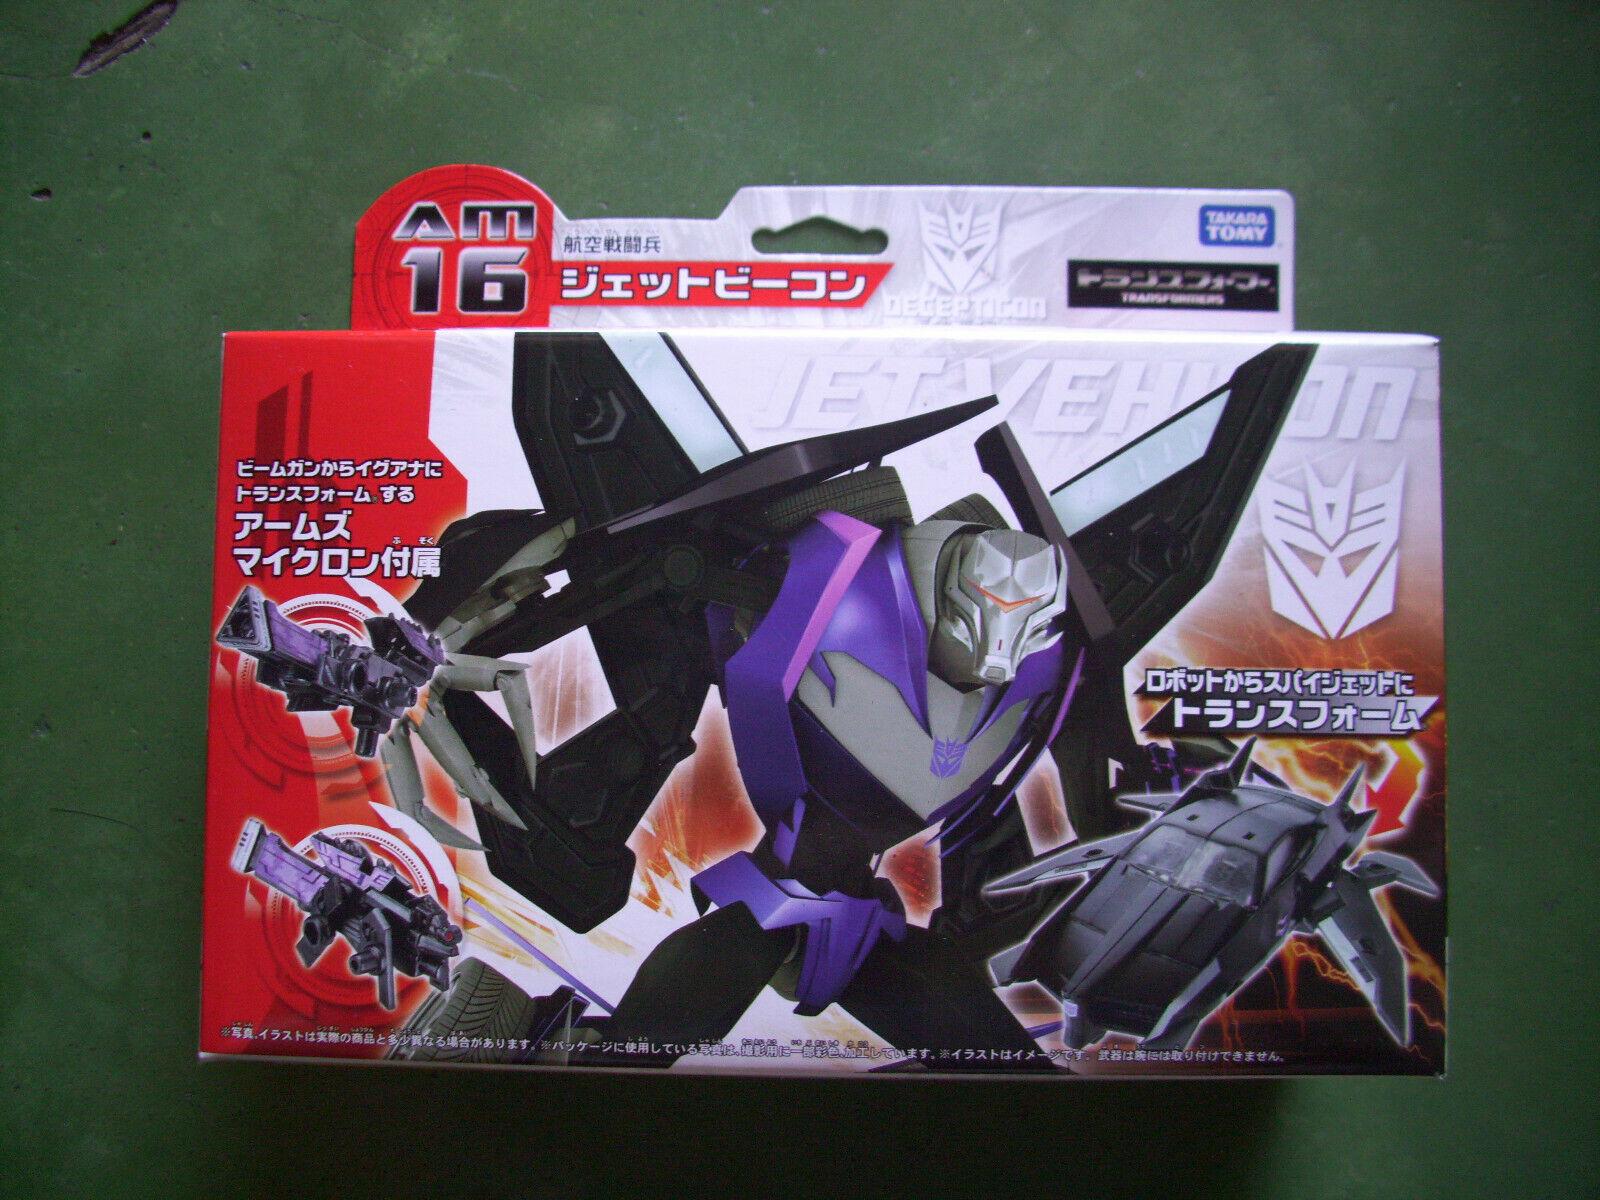 Transformers Prime Arms Micron AM16 Jet Vehicon MISB